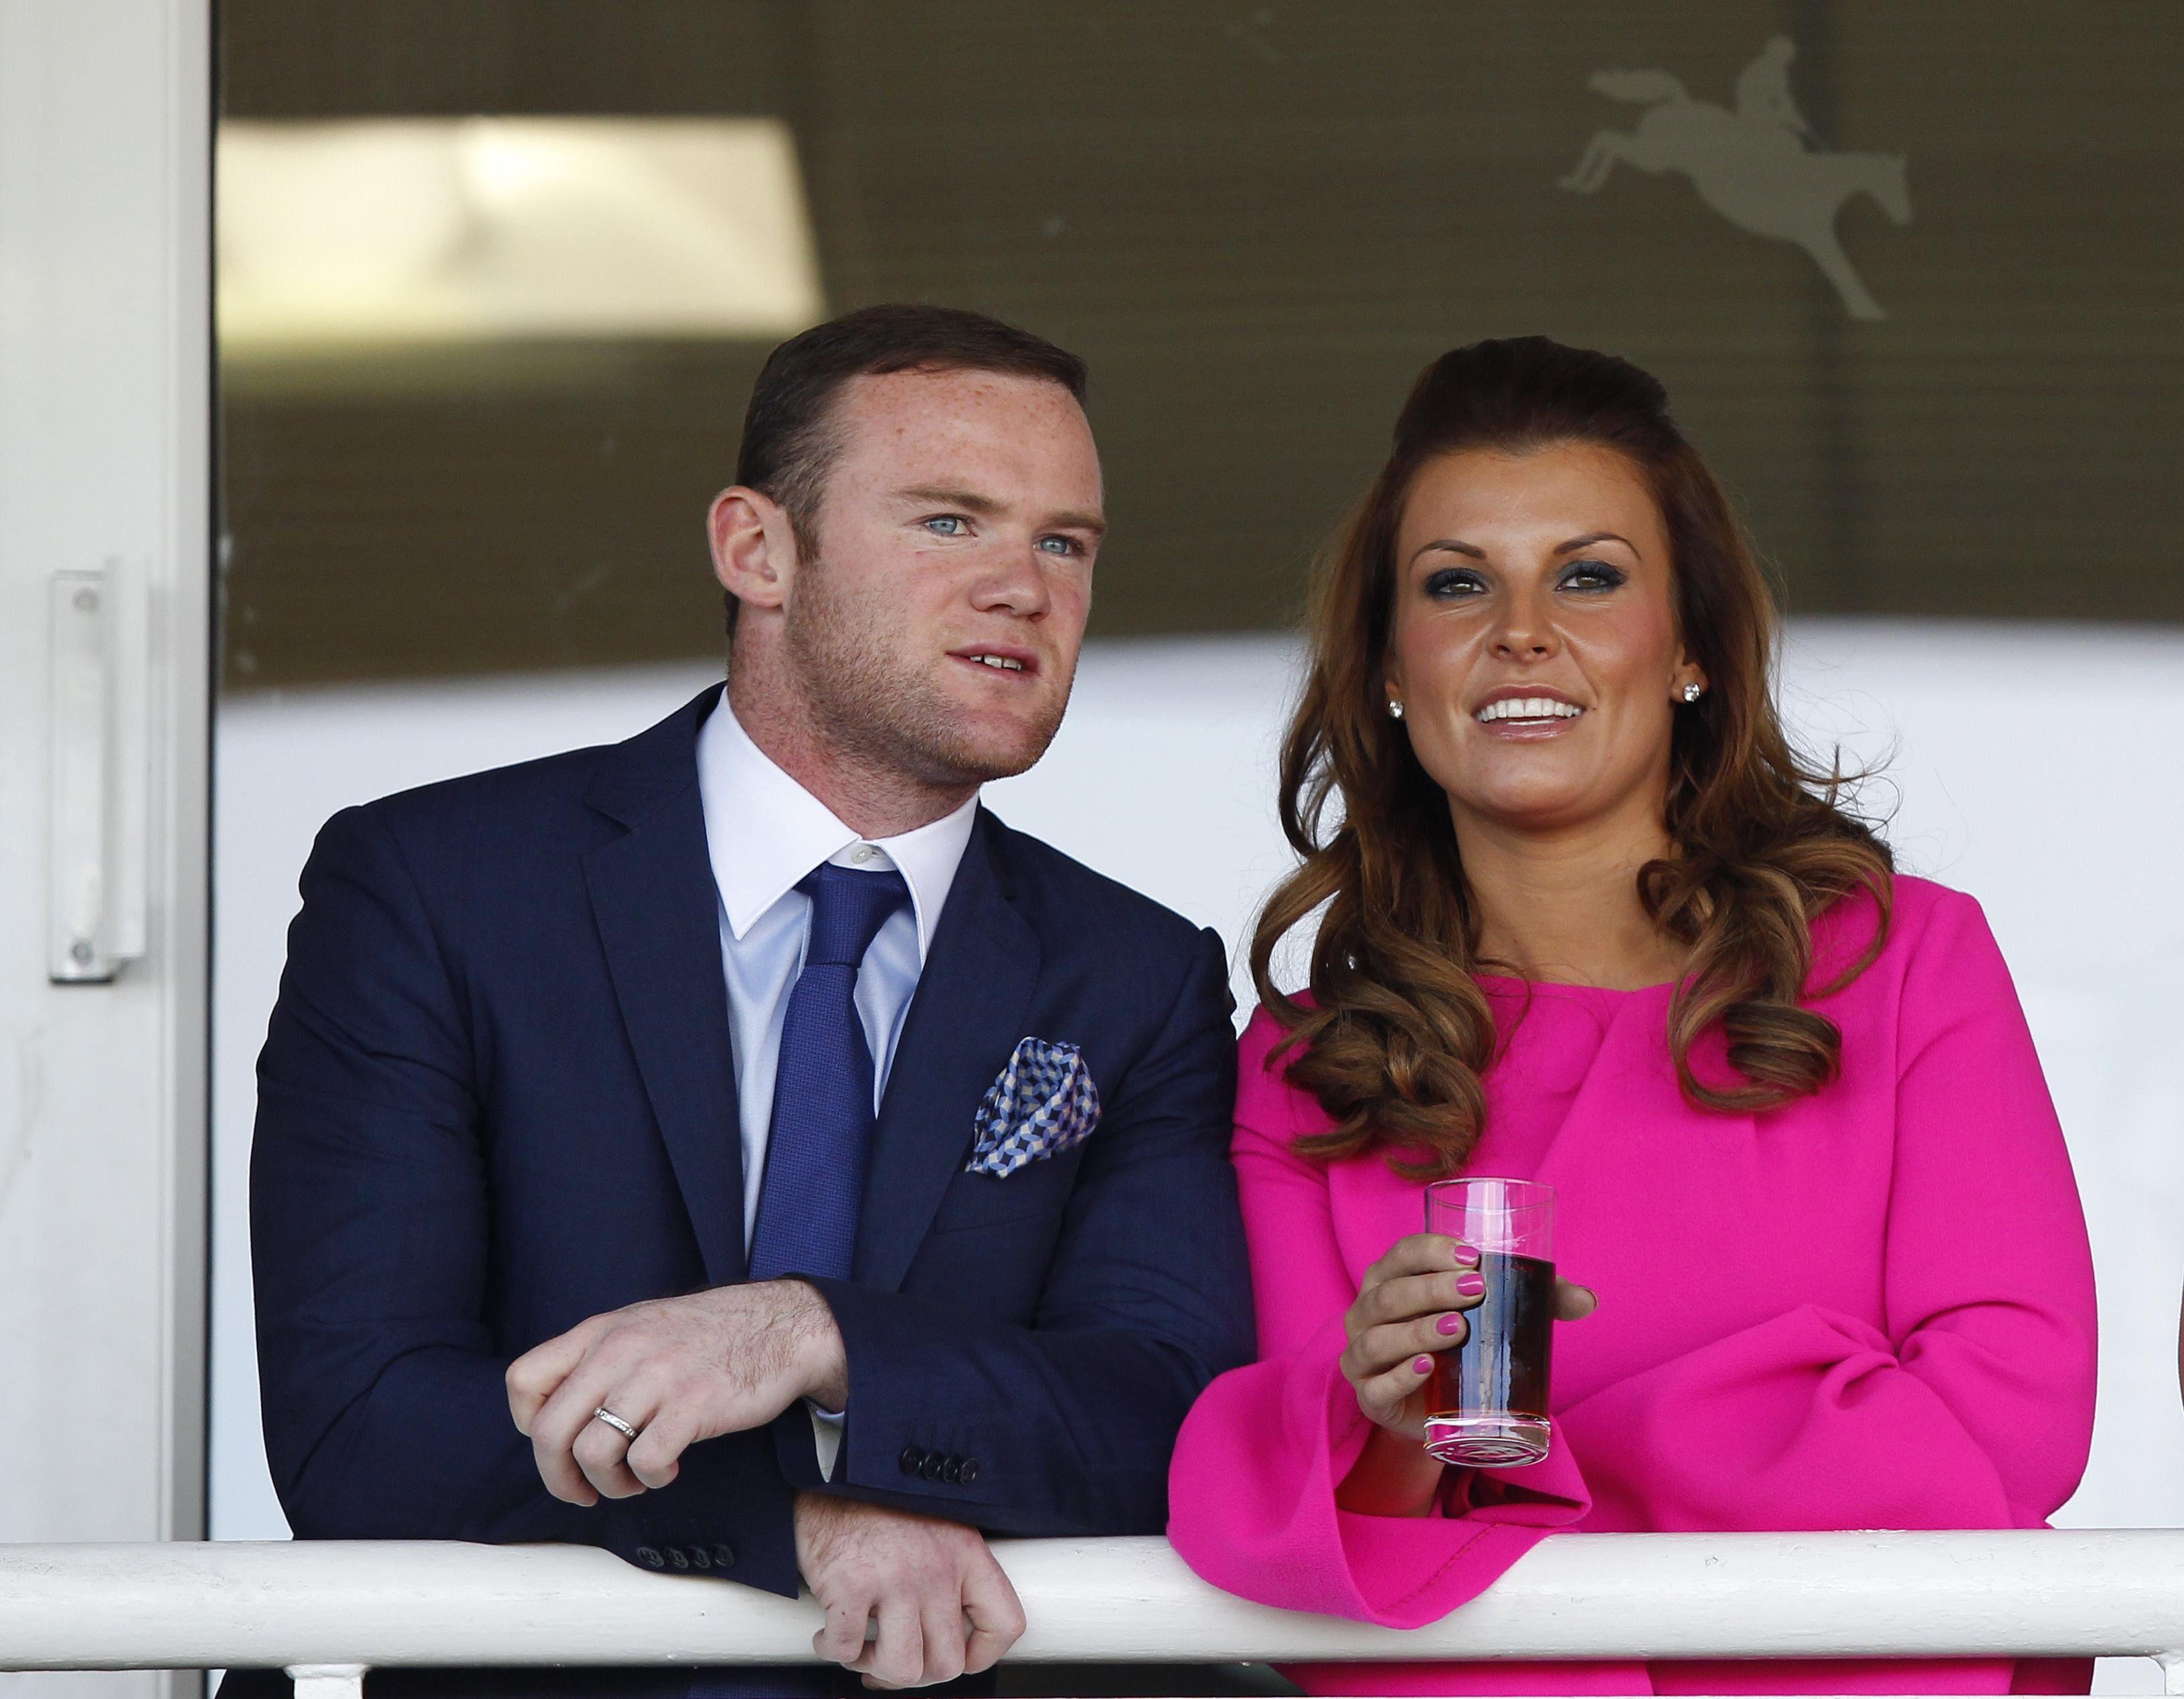 Wayne Rooney escort apologises to Coleen: